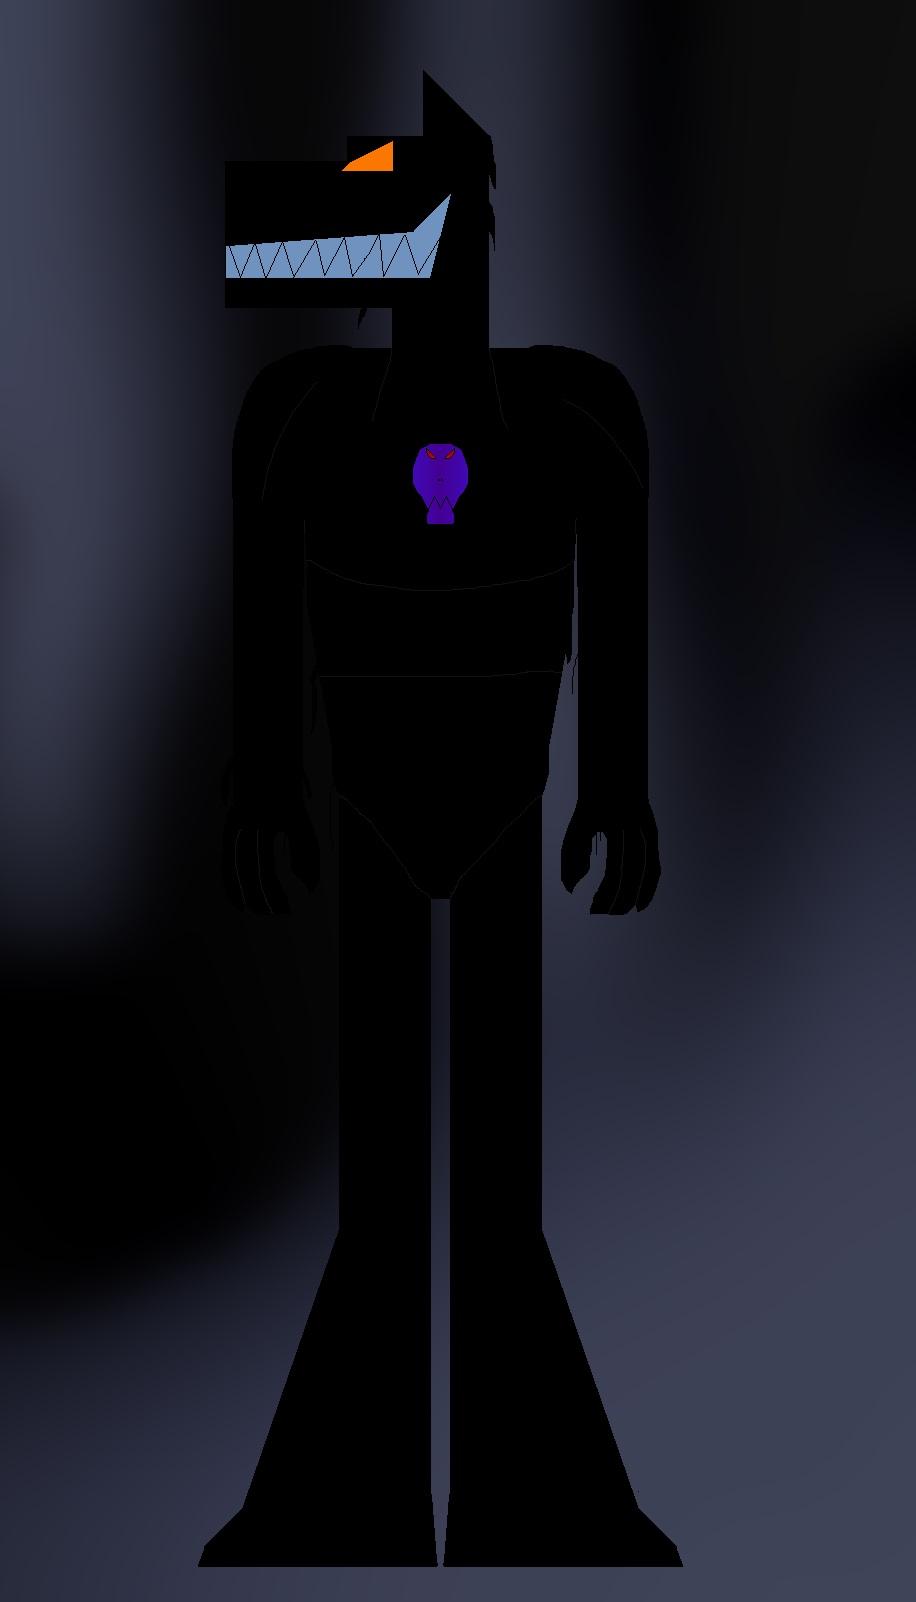 Tar-Face